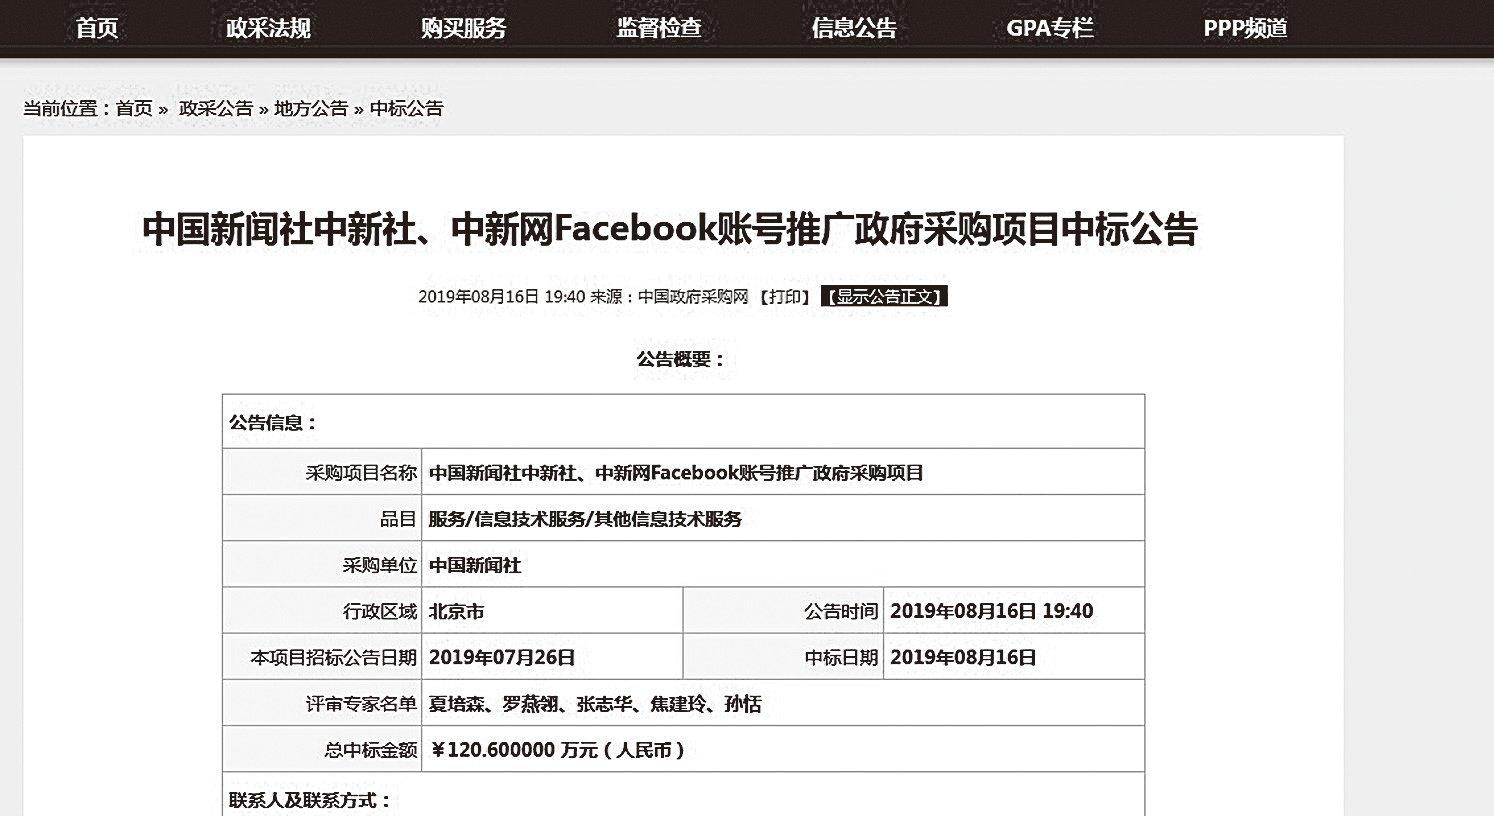 中新社今年8月16日發佈的逾120萬元人民幣的臉書帳號推廣政府採購項目。(網頁截圖)